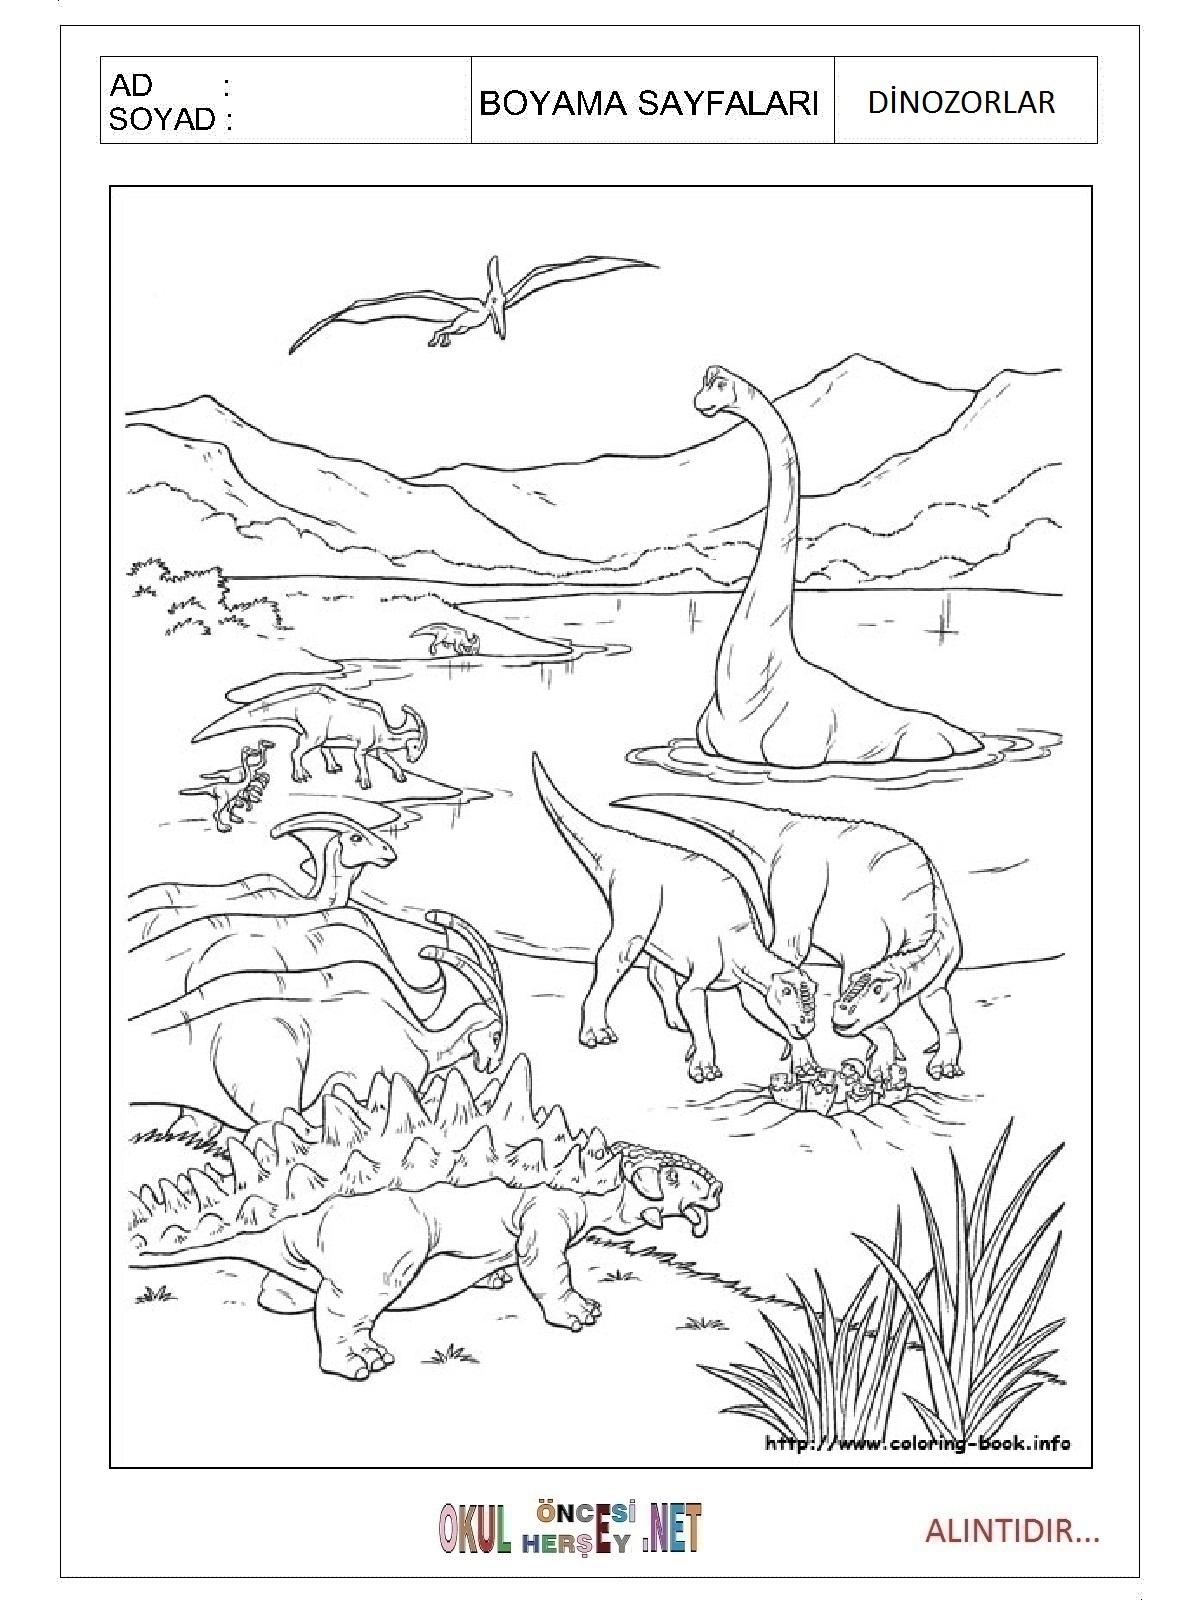 Dinozorlar Boyama Sayfalari